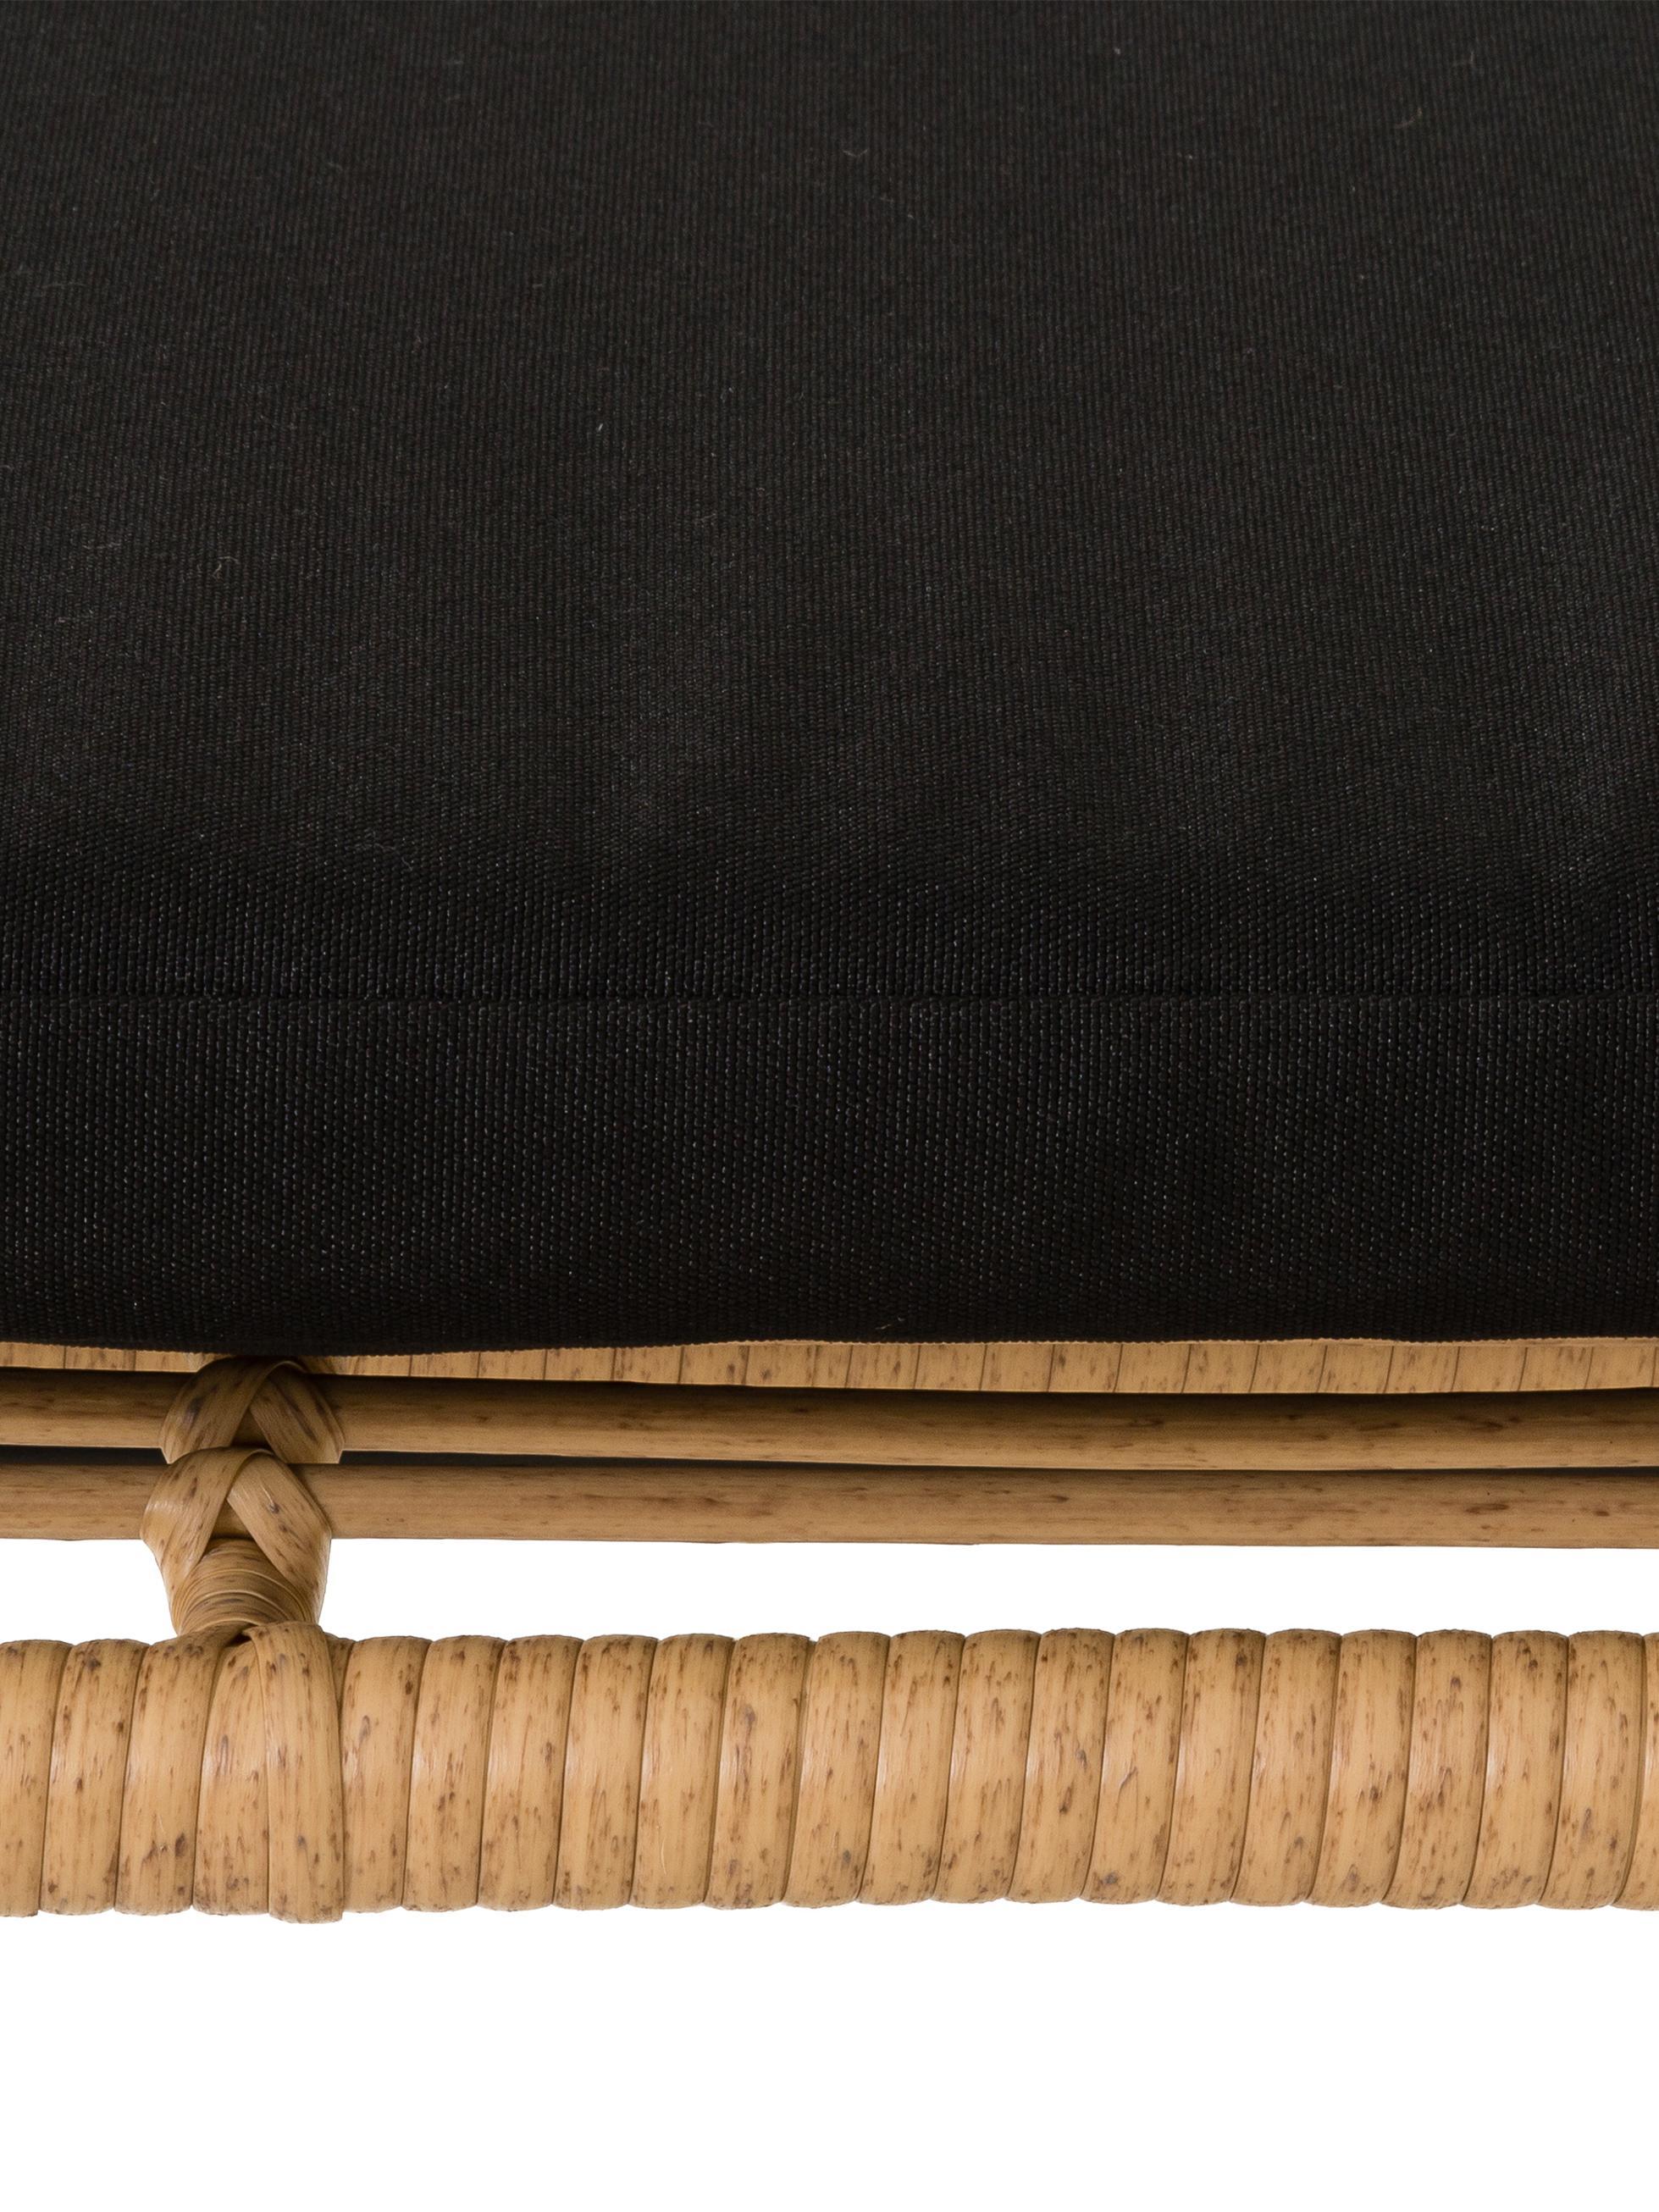 Banco de exterior de mimbre Costa, Asiento: polietileno, Estructura: metal con pintura en polv, Bayo, An 137 x Al 73 cm